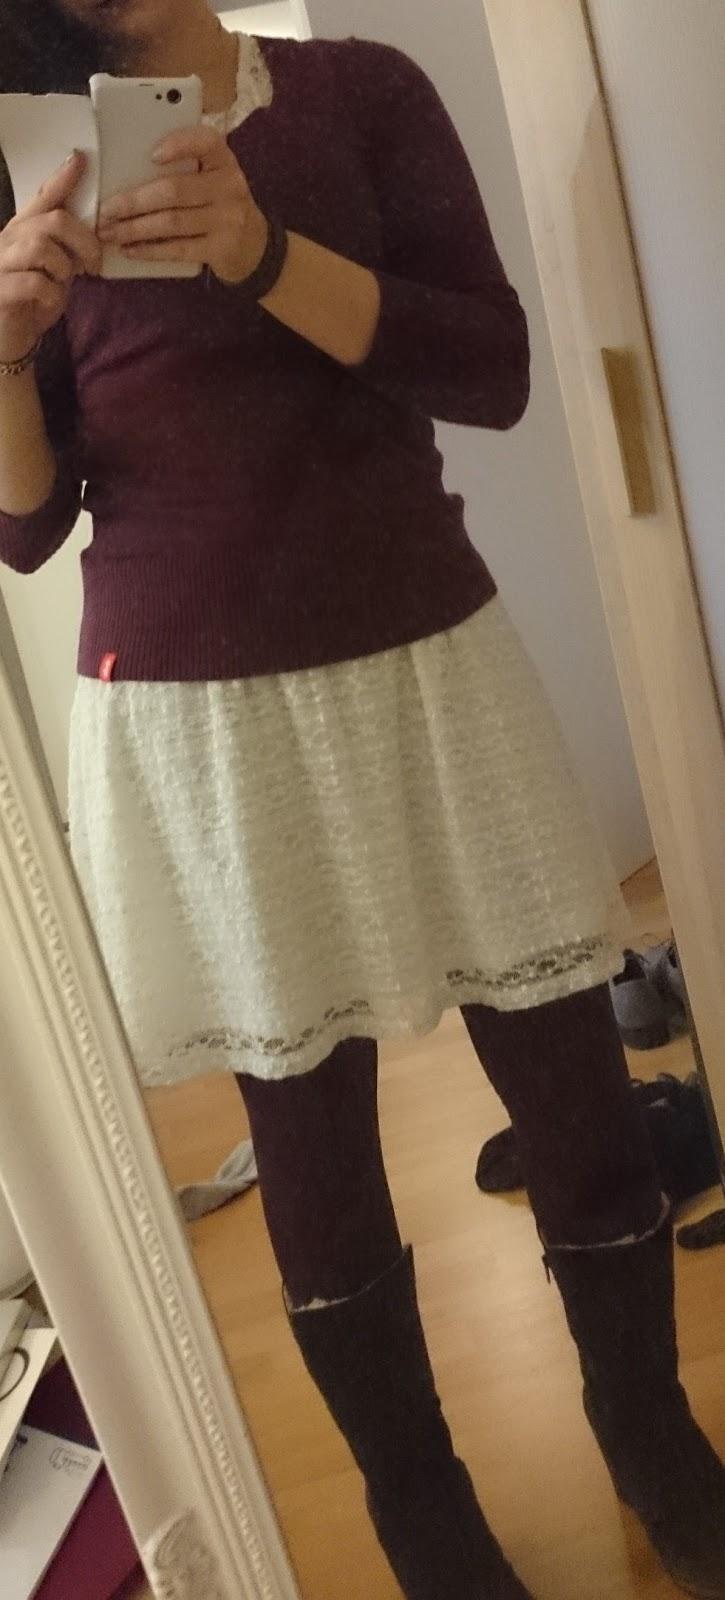 Sommerkleid und Kuschelpulli